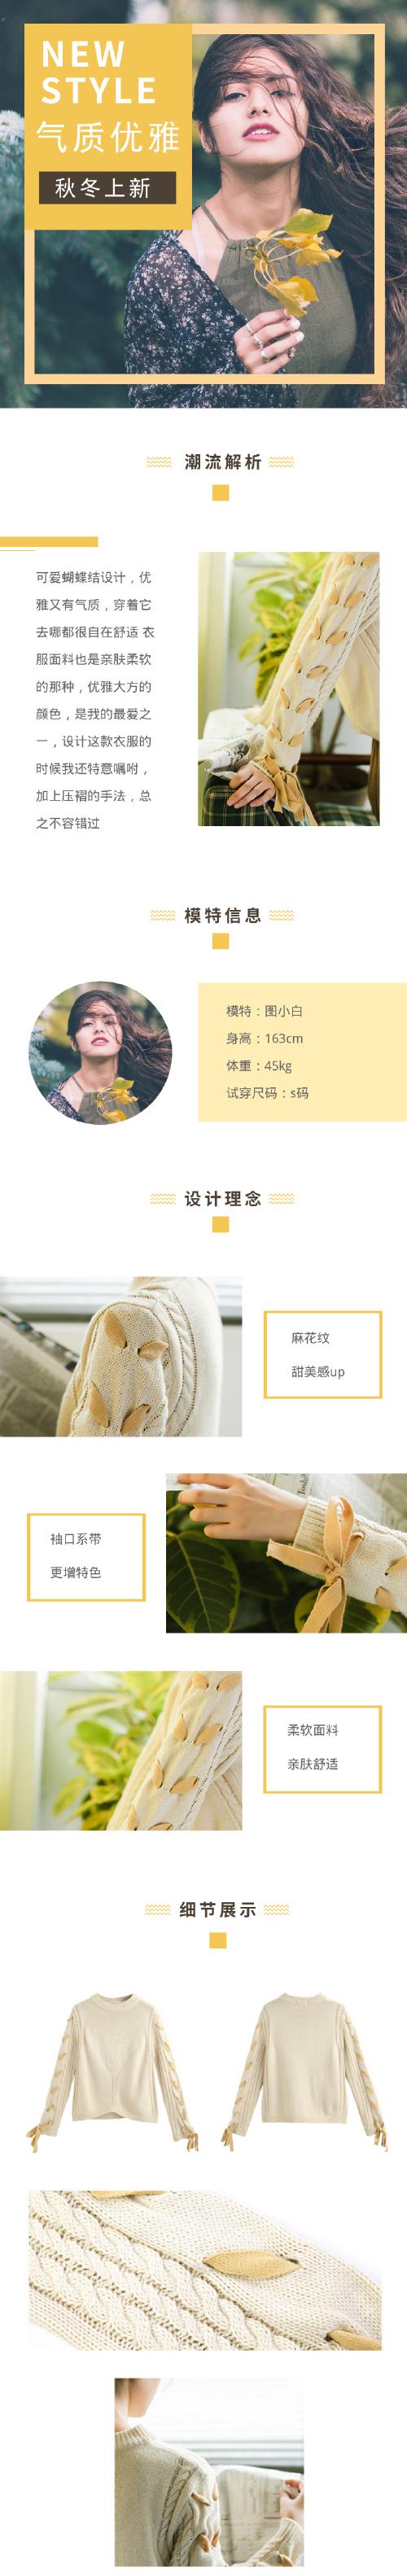 $簡約服裝淘寶詳情頁產品展示